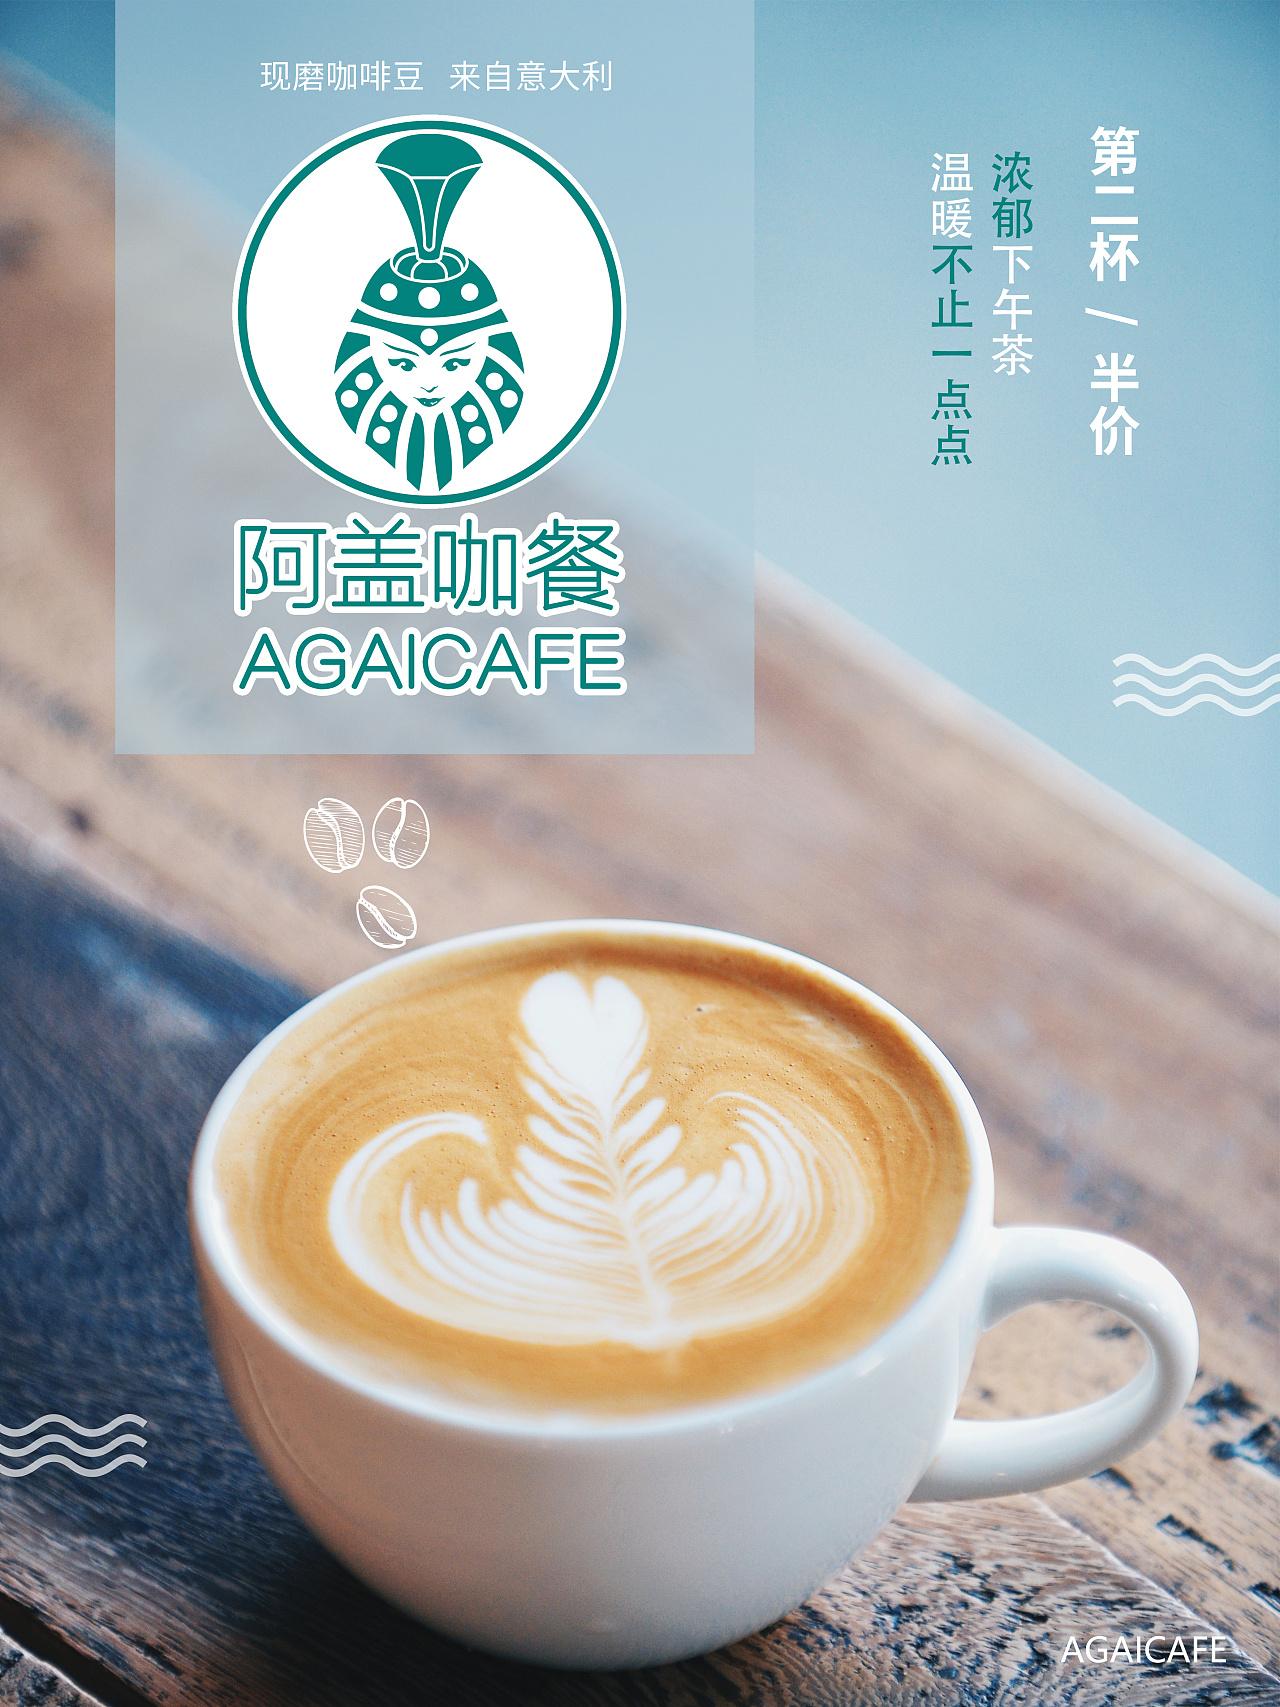 阿盖咖餐-蒙古特色logo设计 第6张